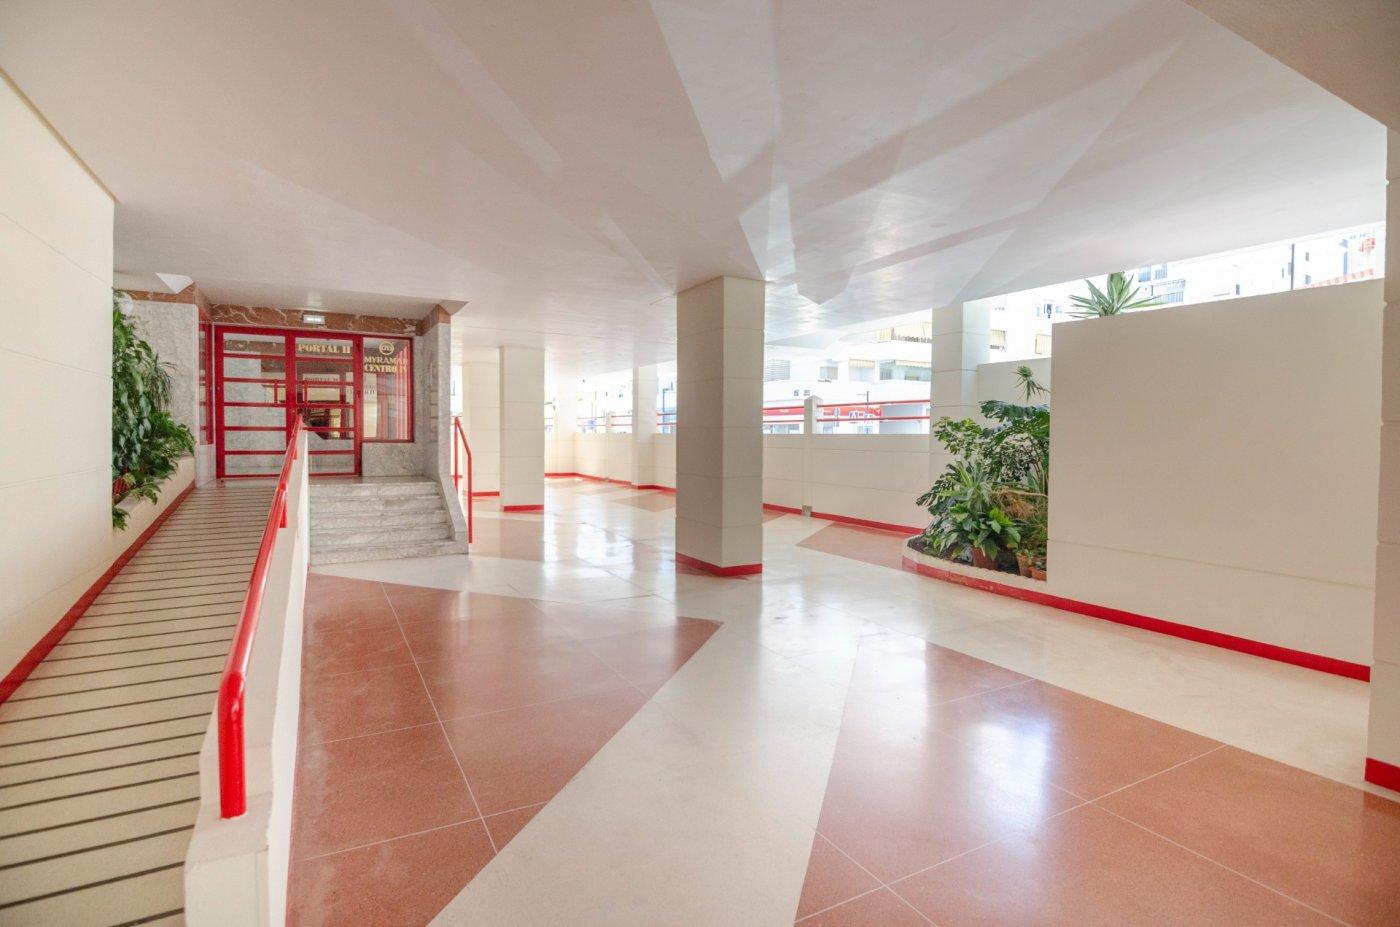 Apartamento · Fuengirola · Recinto Ferial 189.900€€